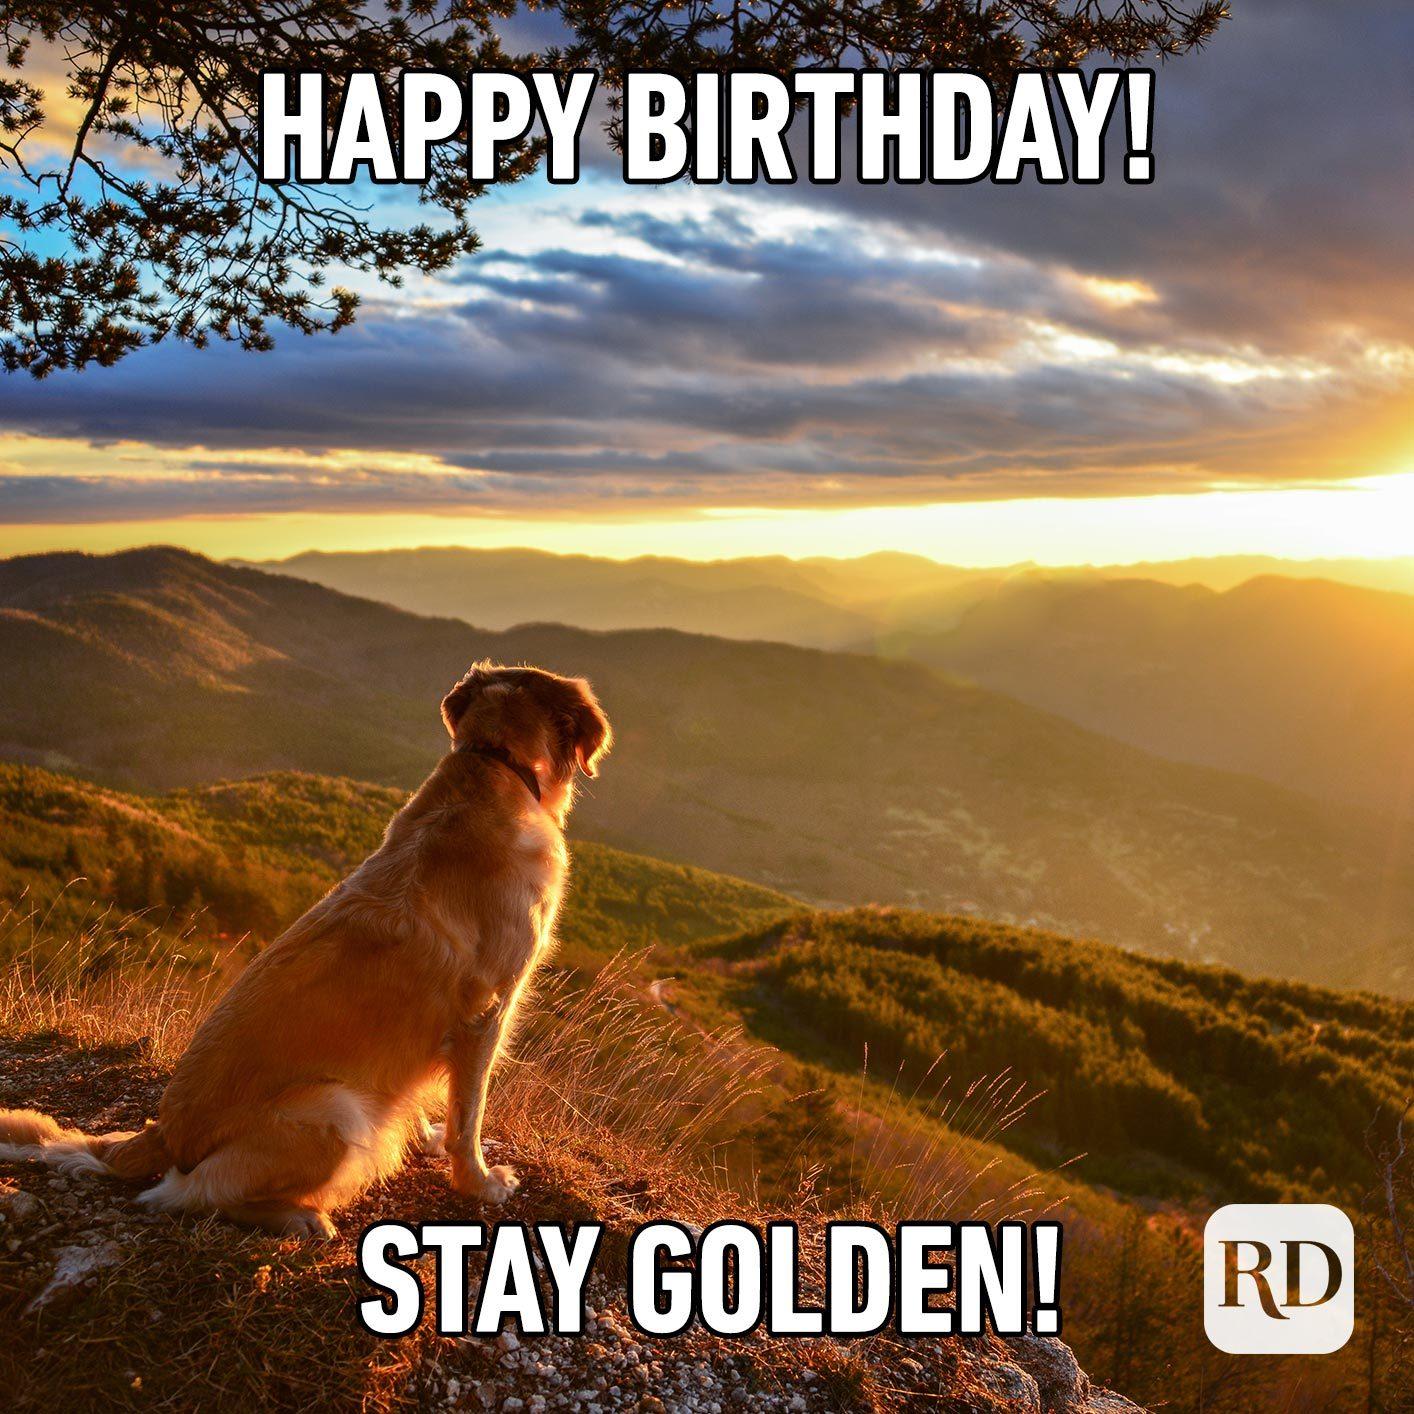 Happy Birthday! Stay golden!